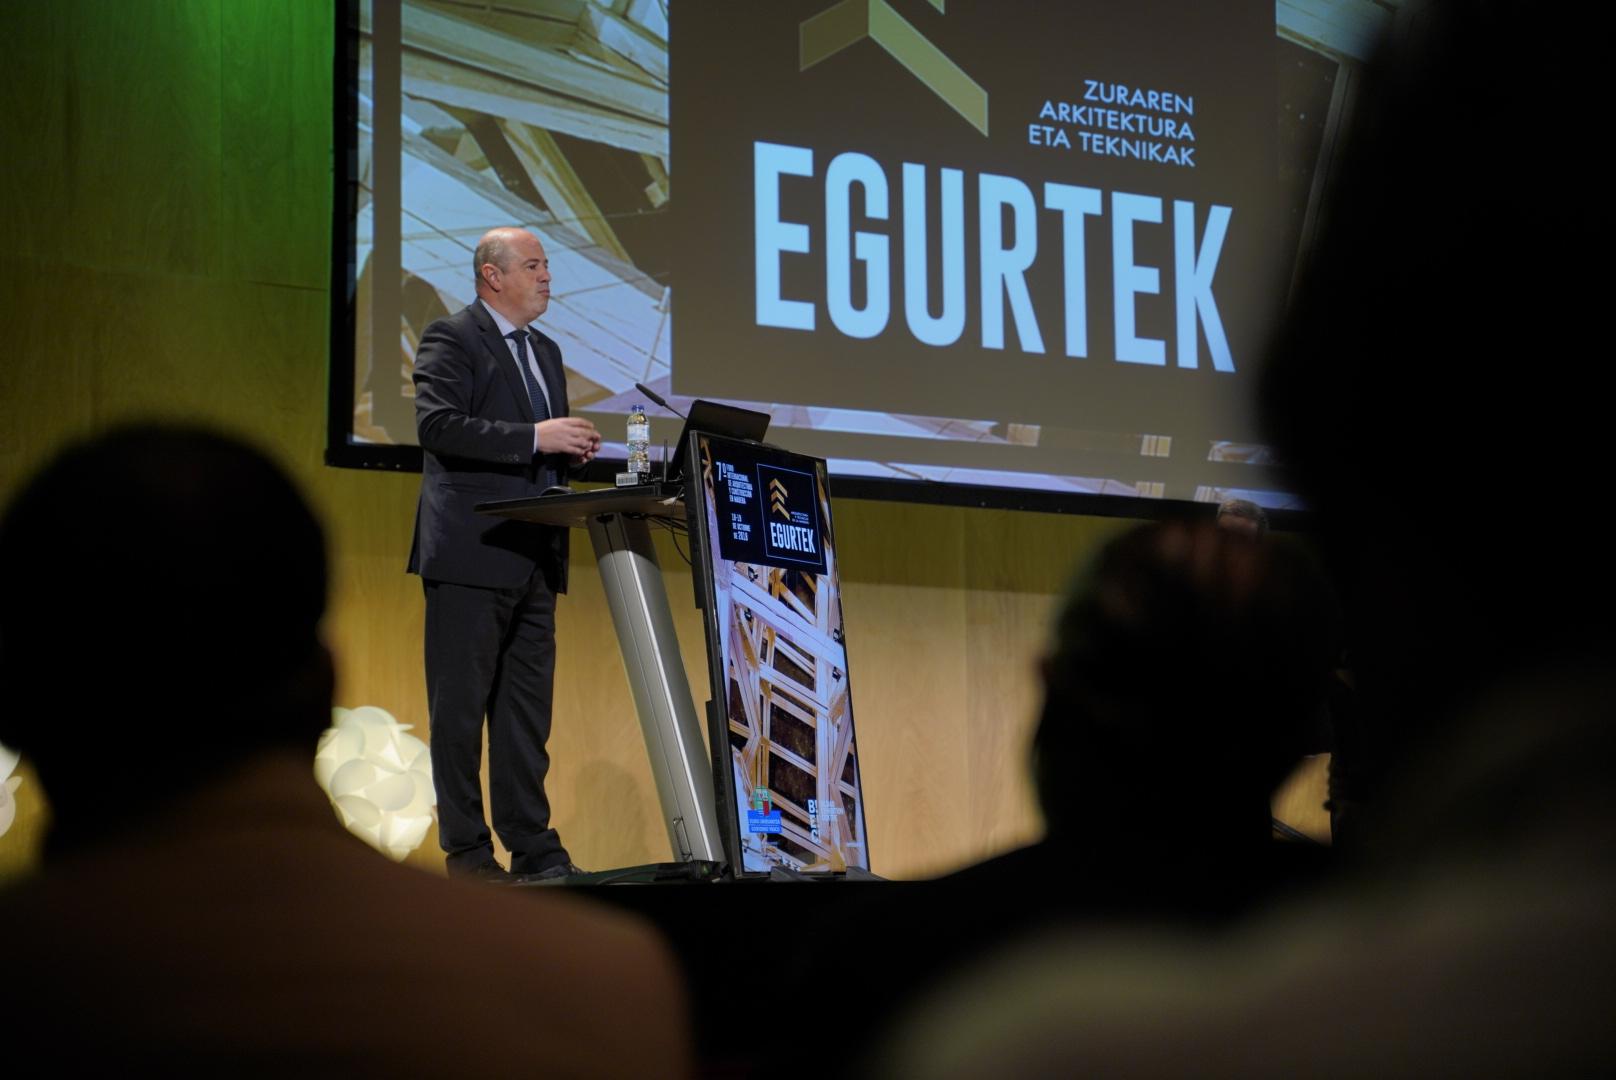 Egurtek_06.JPG